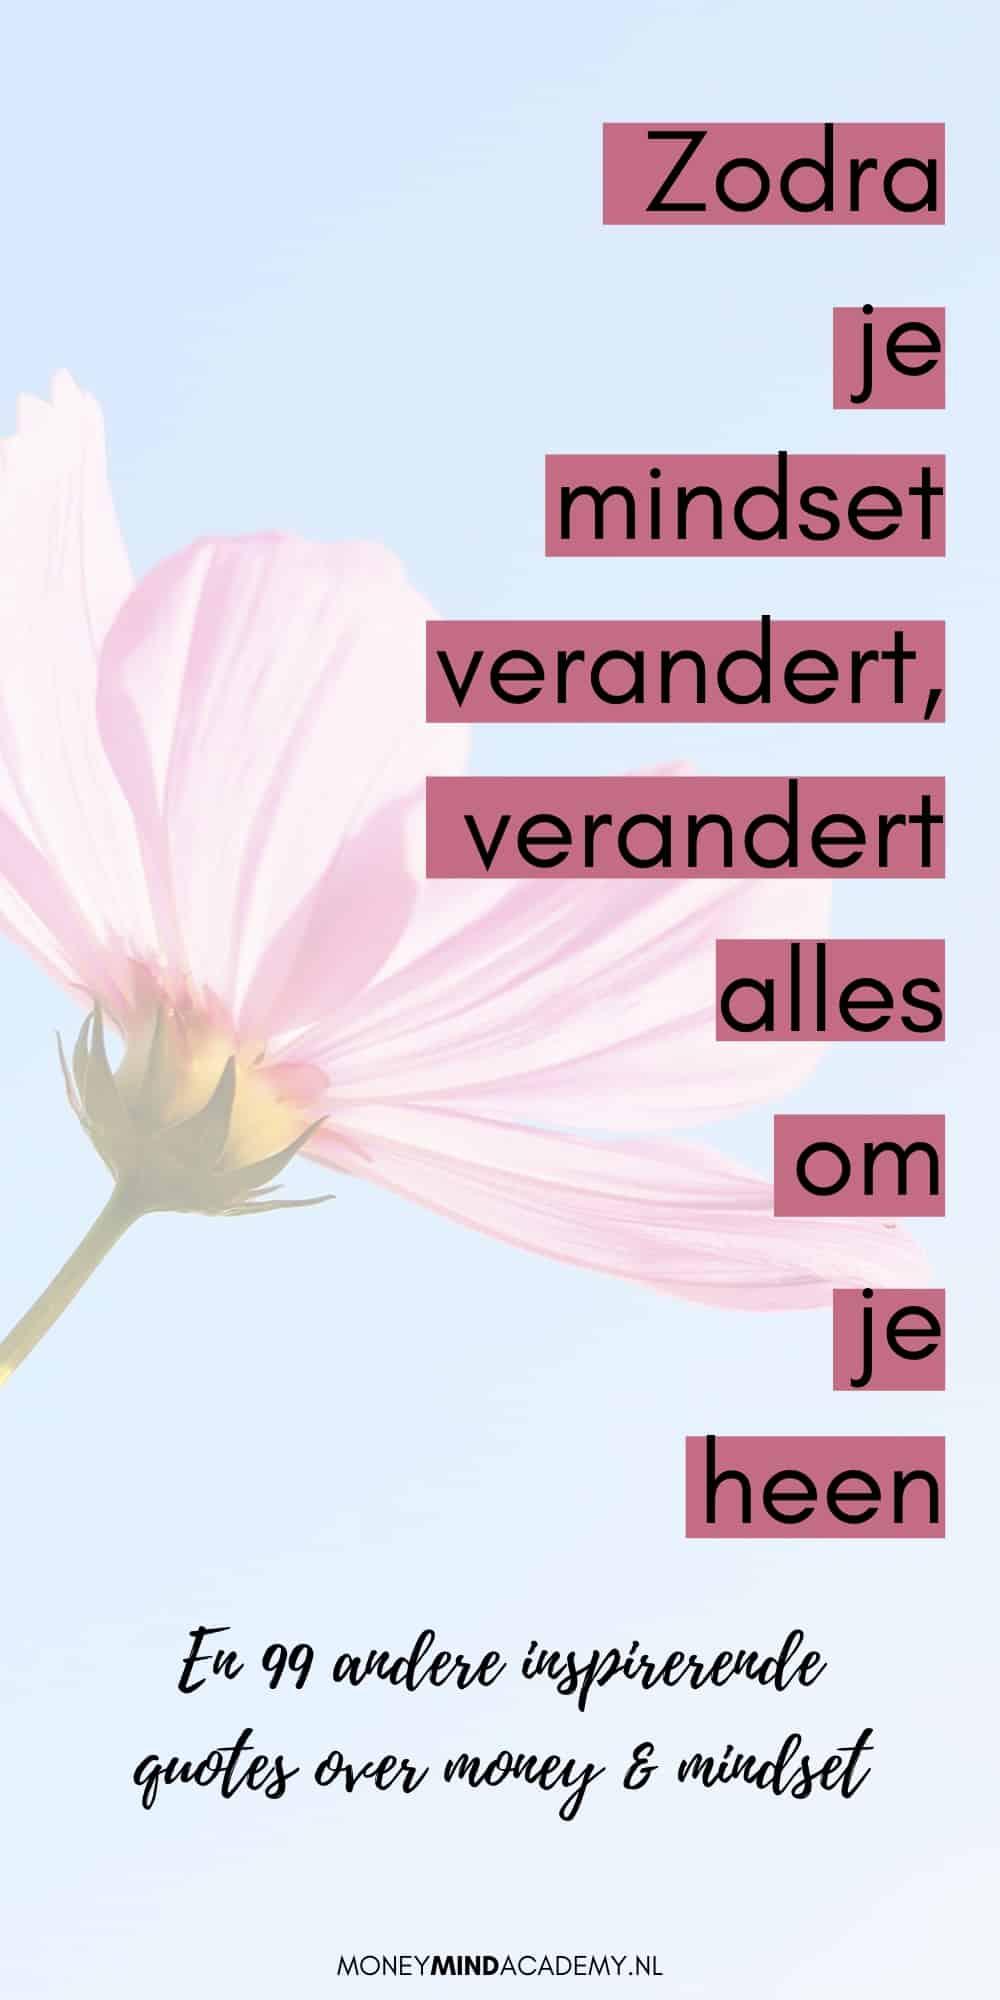 100 inspirerende money mindset quotes die je kunt gebruiken als affirmaties, als inspiratie of ter motivatie | MoneyMindAcademy.nl #mindset #moneymindset #geld #quotes #inspiratie #citaten